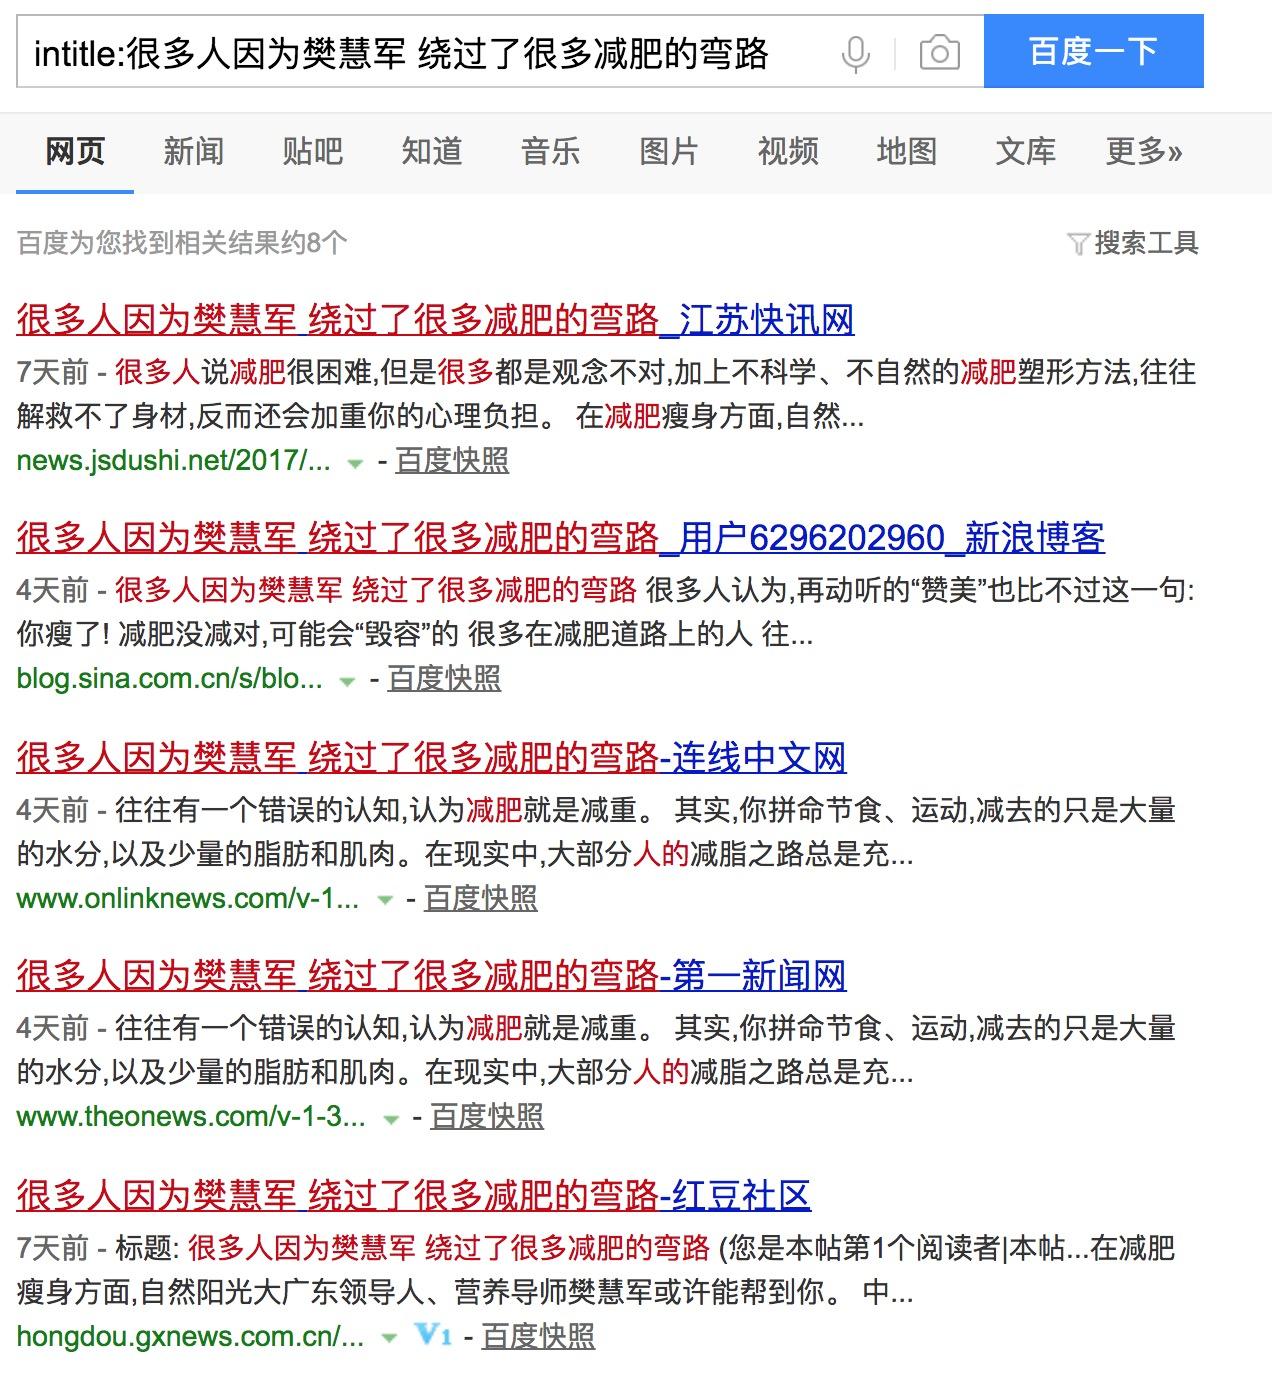 微商B套餐一稿通发40家微商媒体包5个收录新闻推广套餐成功案例0004